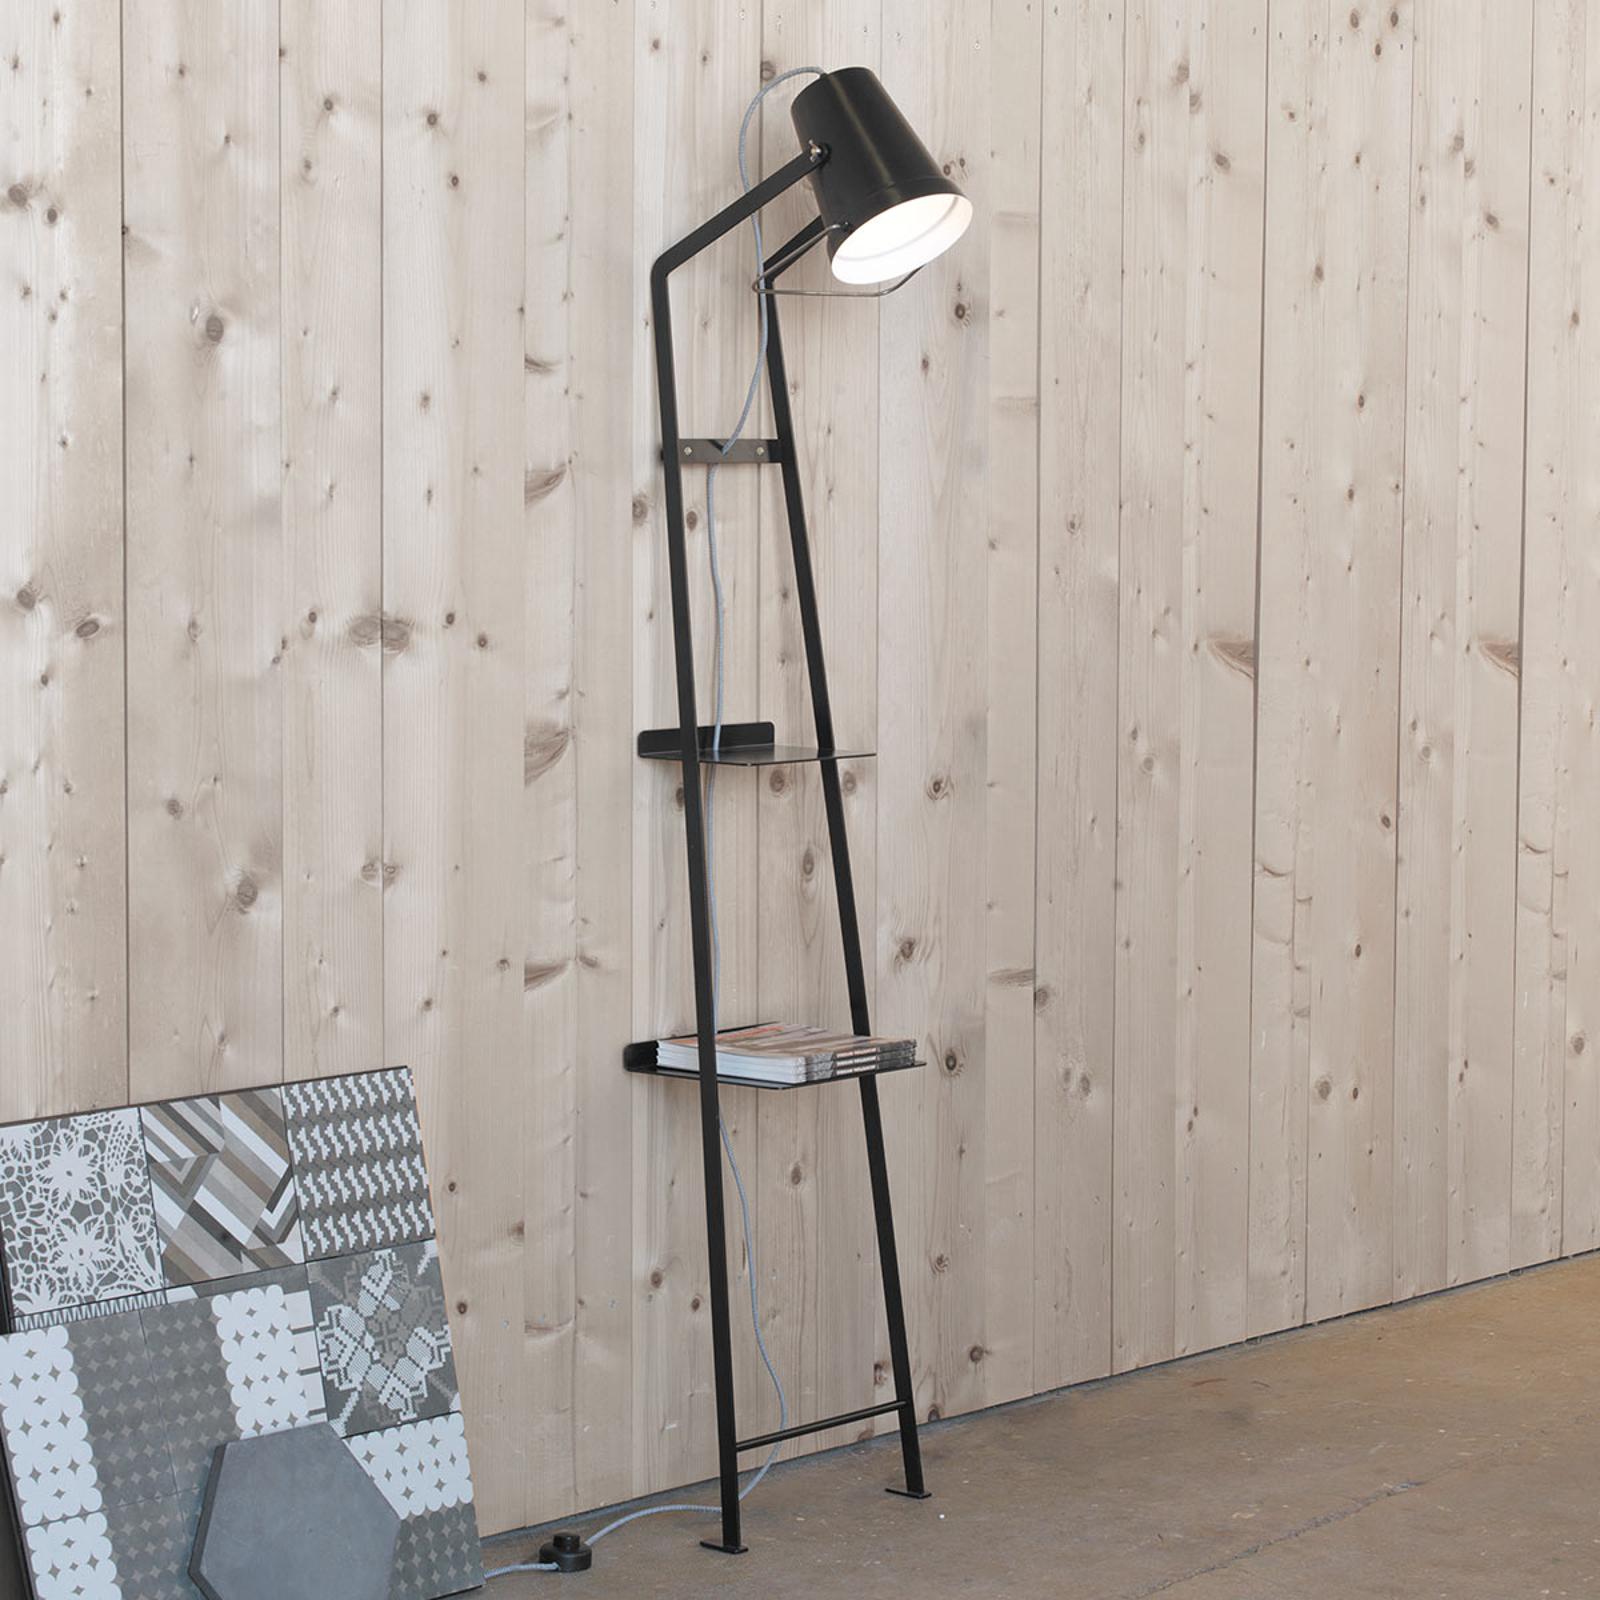 Lampa stojąca Alfred z półką, czarna matowa